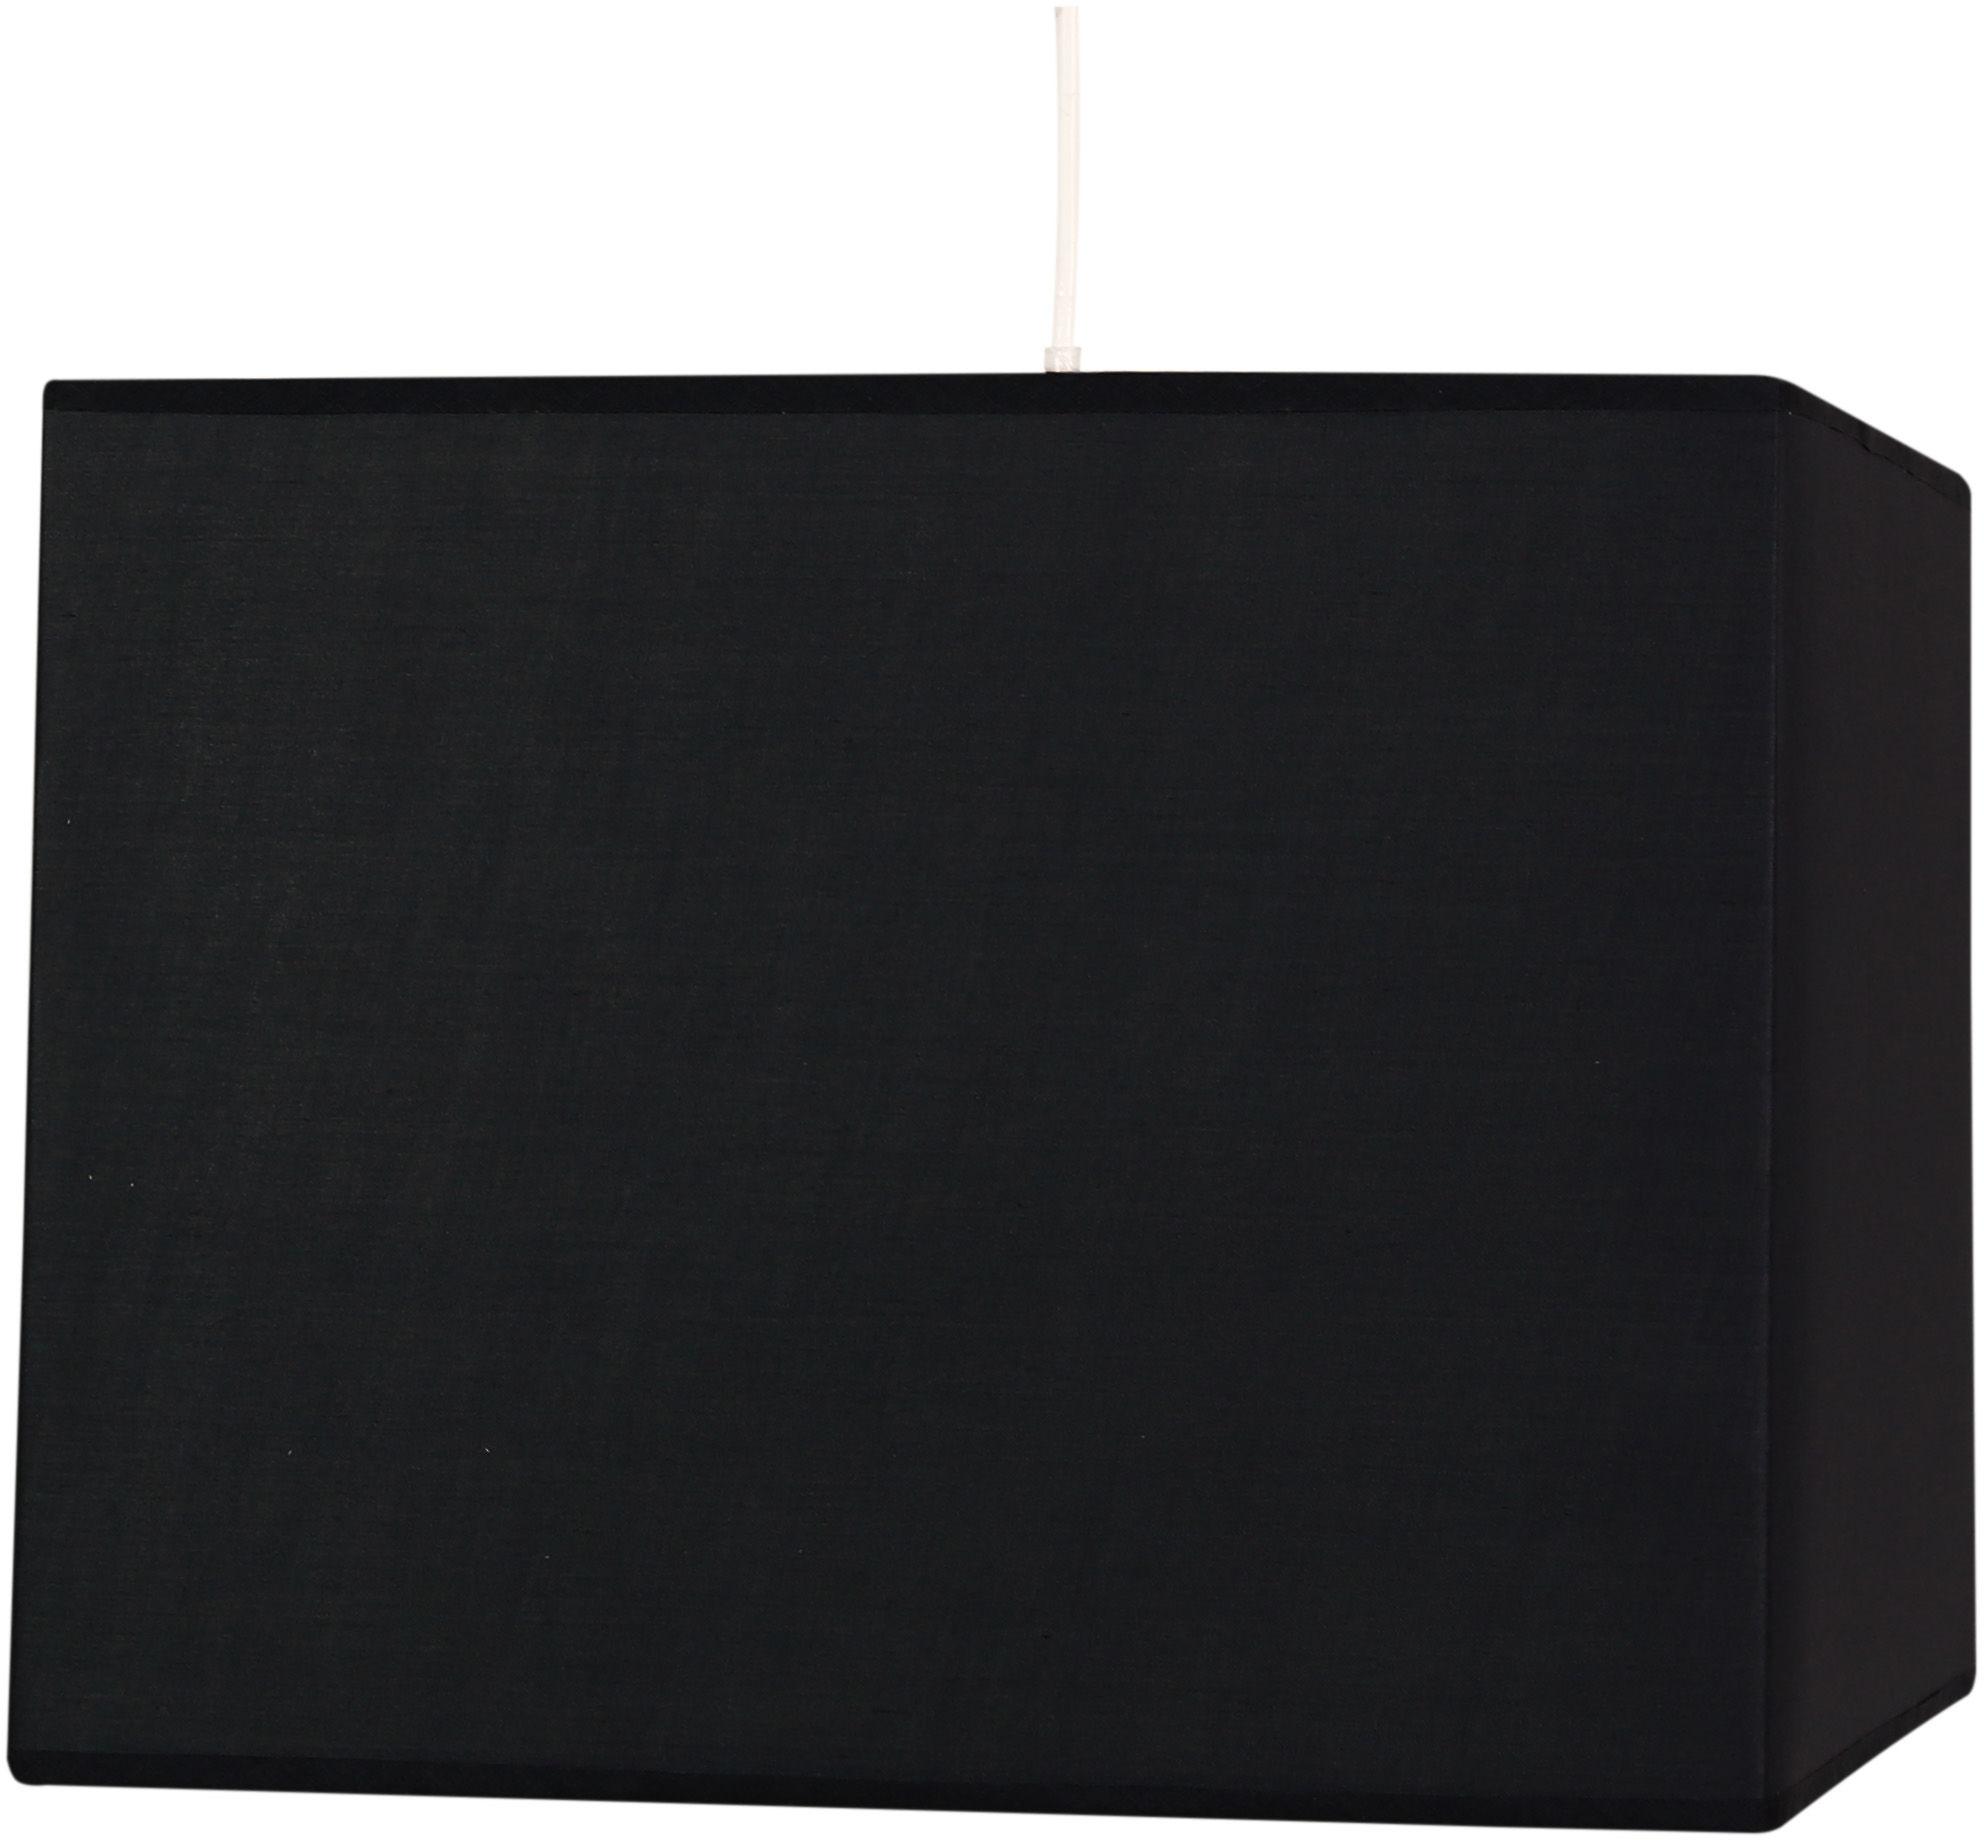 Candellux BASIC 31-06073 lampa wisząca kwadratowy abażur czarny 1X60W E27 30 cm